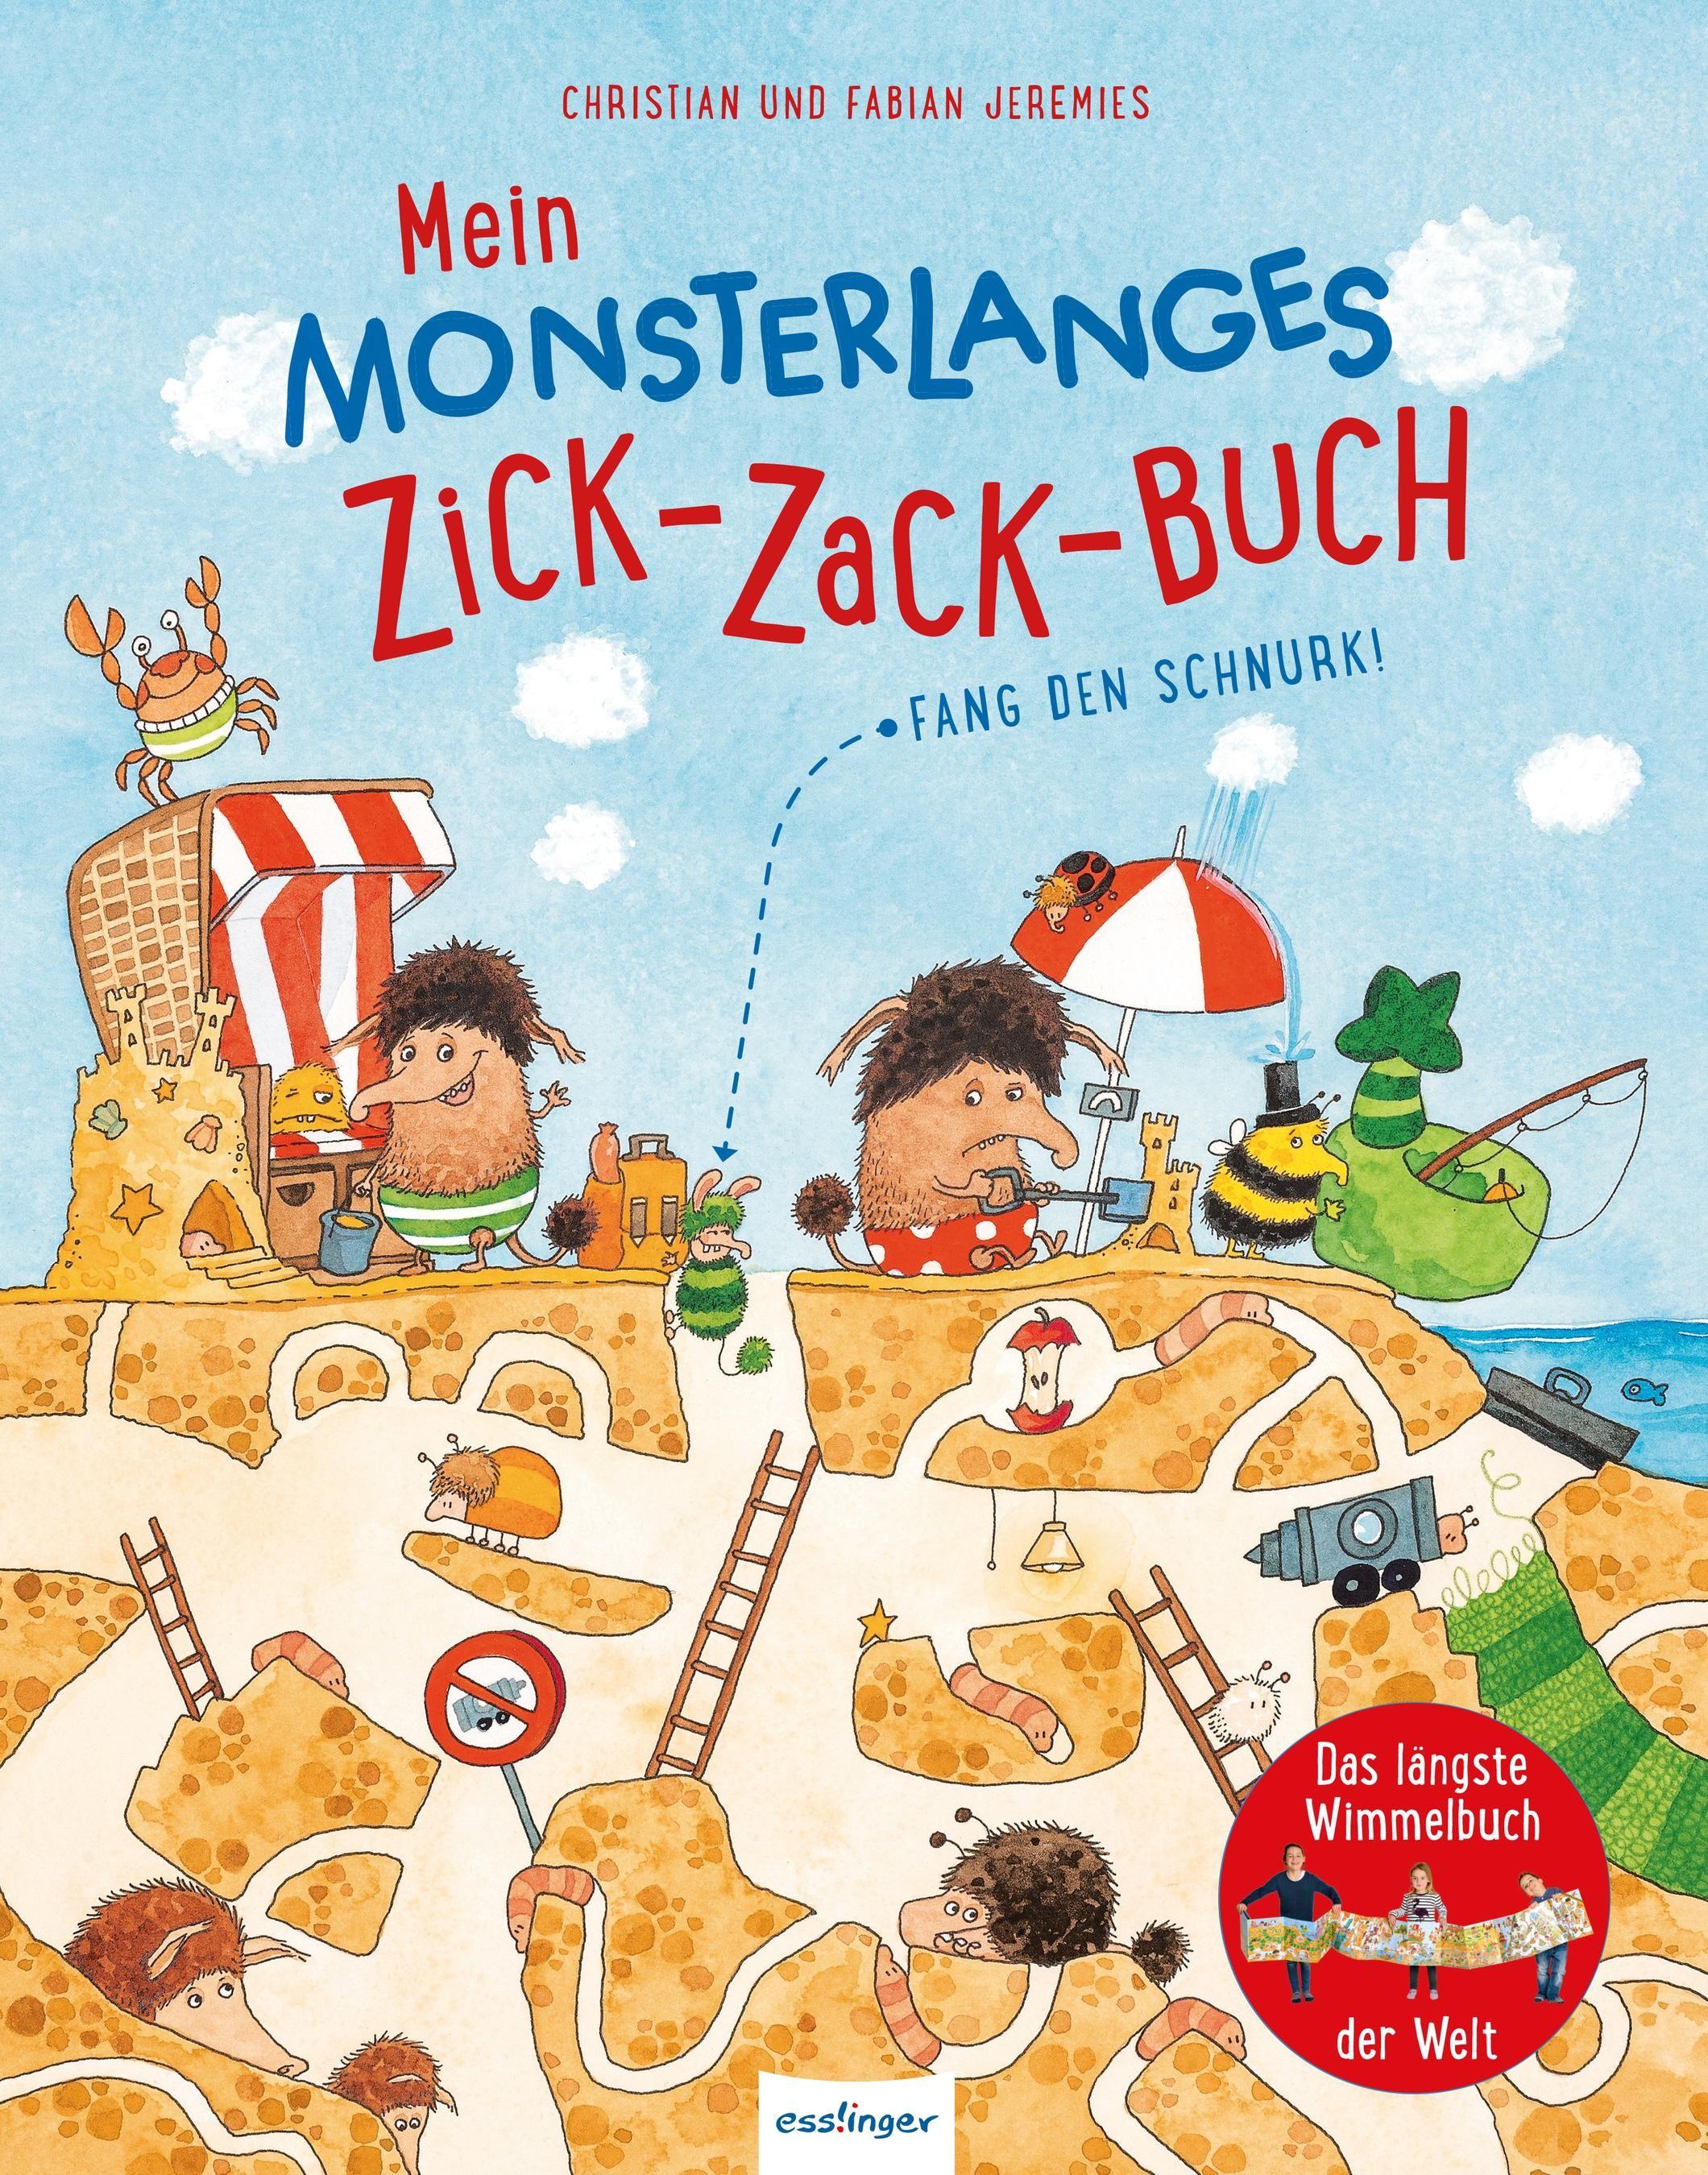 Mein monsterlanges Zick-Zack-Buch